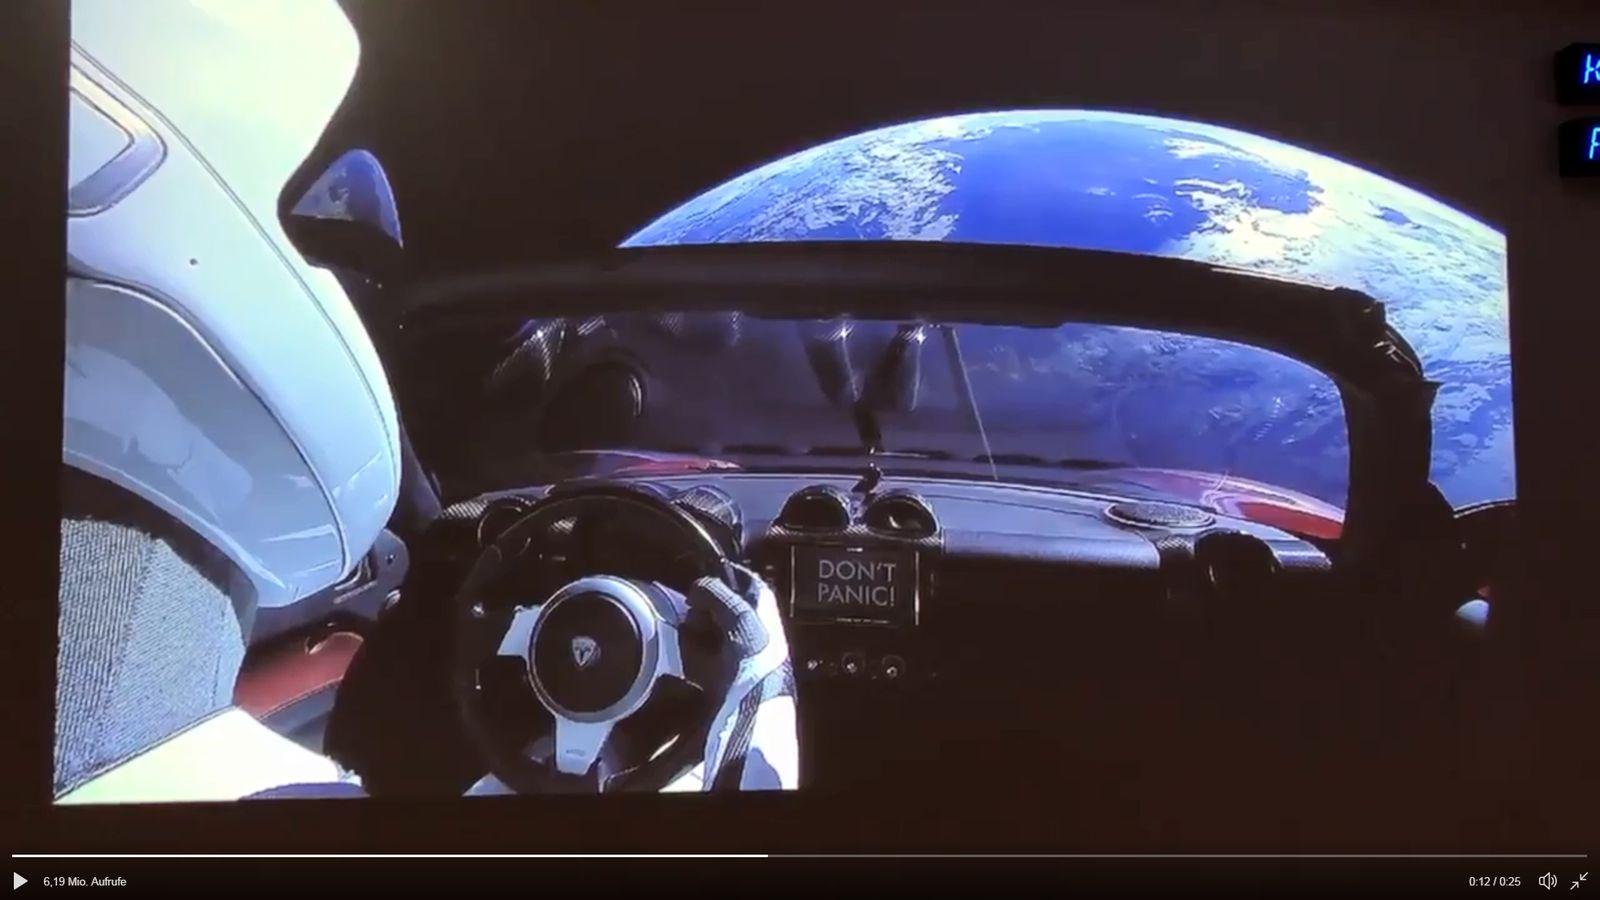 SCREENSHOT Twitter-Video von Elon Musk zum ersten Tesla im Weltall - DONT PANIC